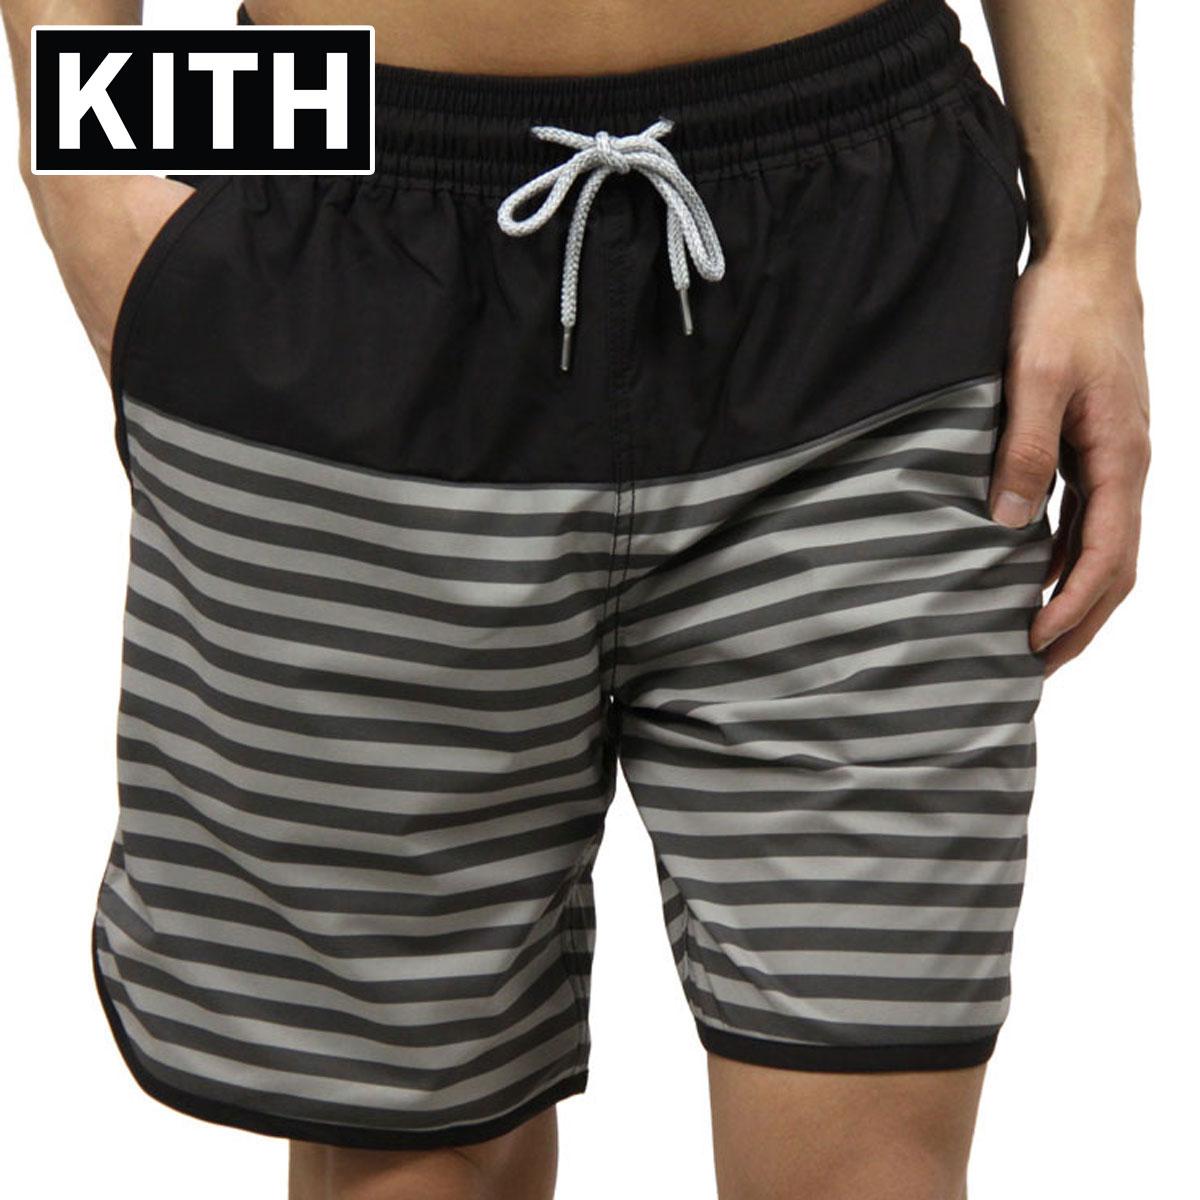 キス 水着 メンズ 正規品 KITH スイムパンツ  KITH ROCKAWAY SHORT KH7002-100 BLACK / WHITE A95B B1C C2D D7E E02F